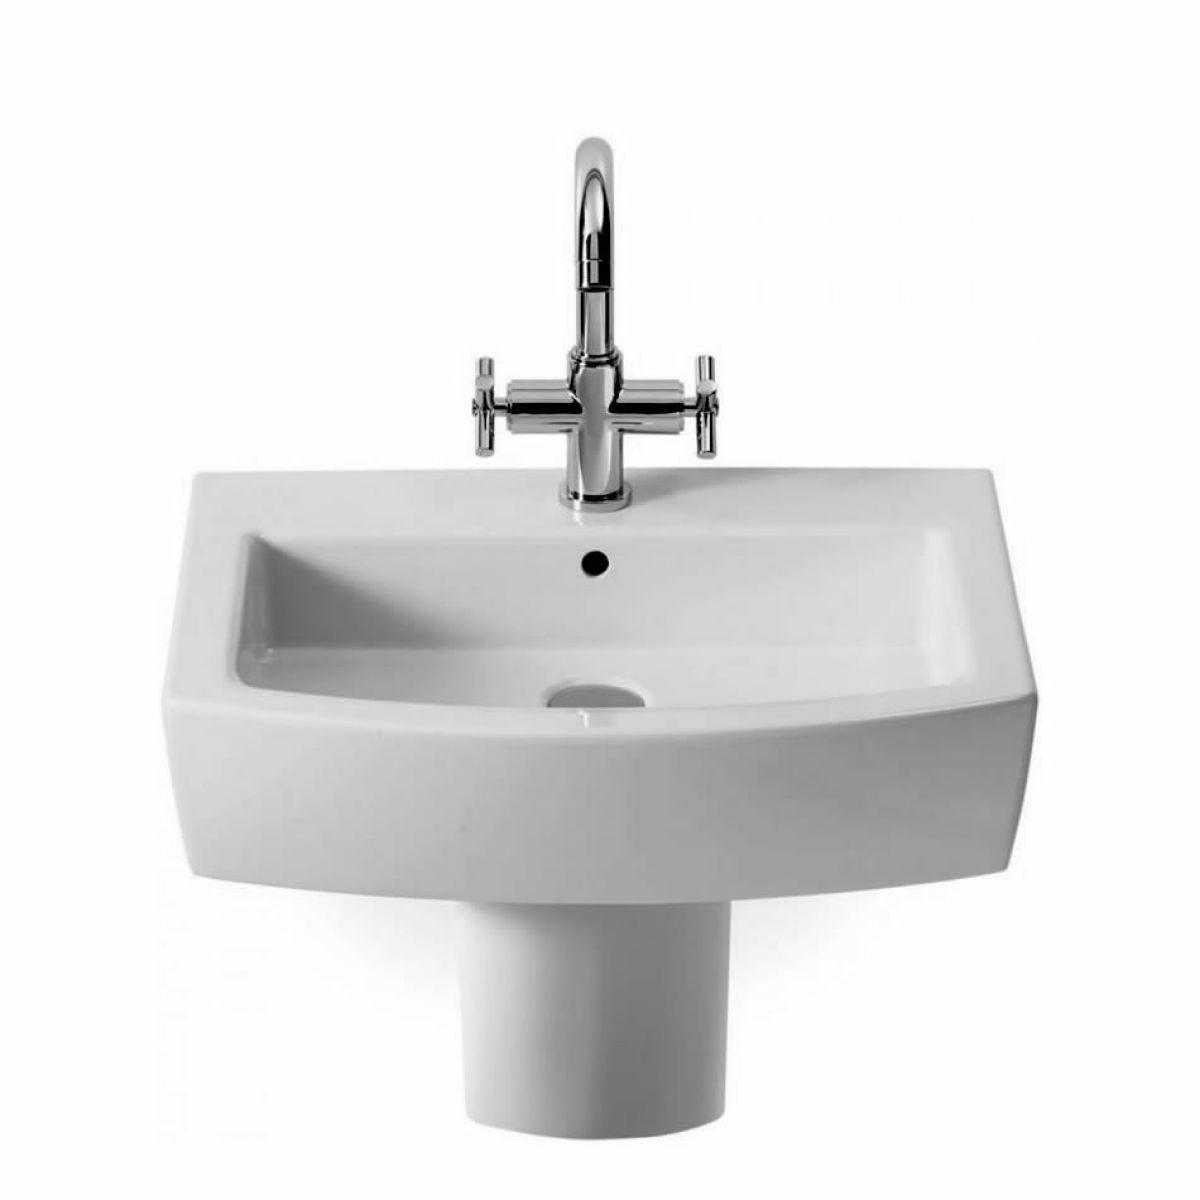 Roca Hall 650mm Basin Uk Bathrooms